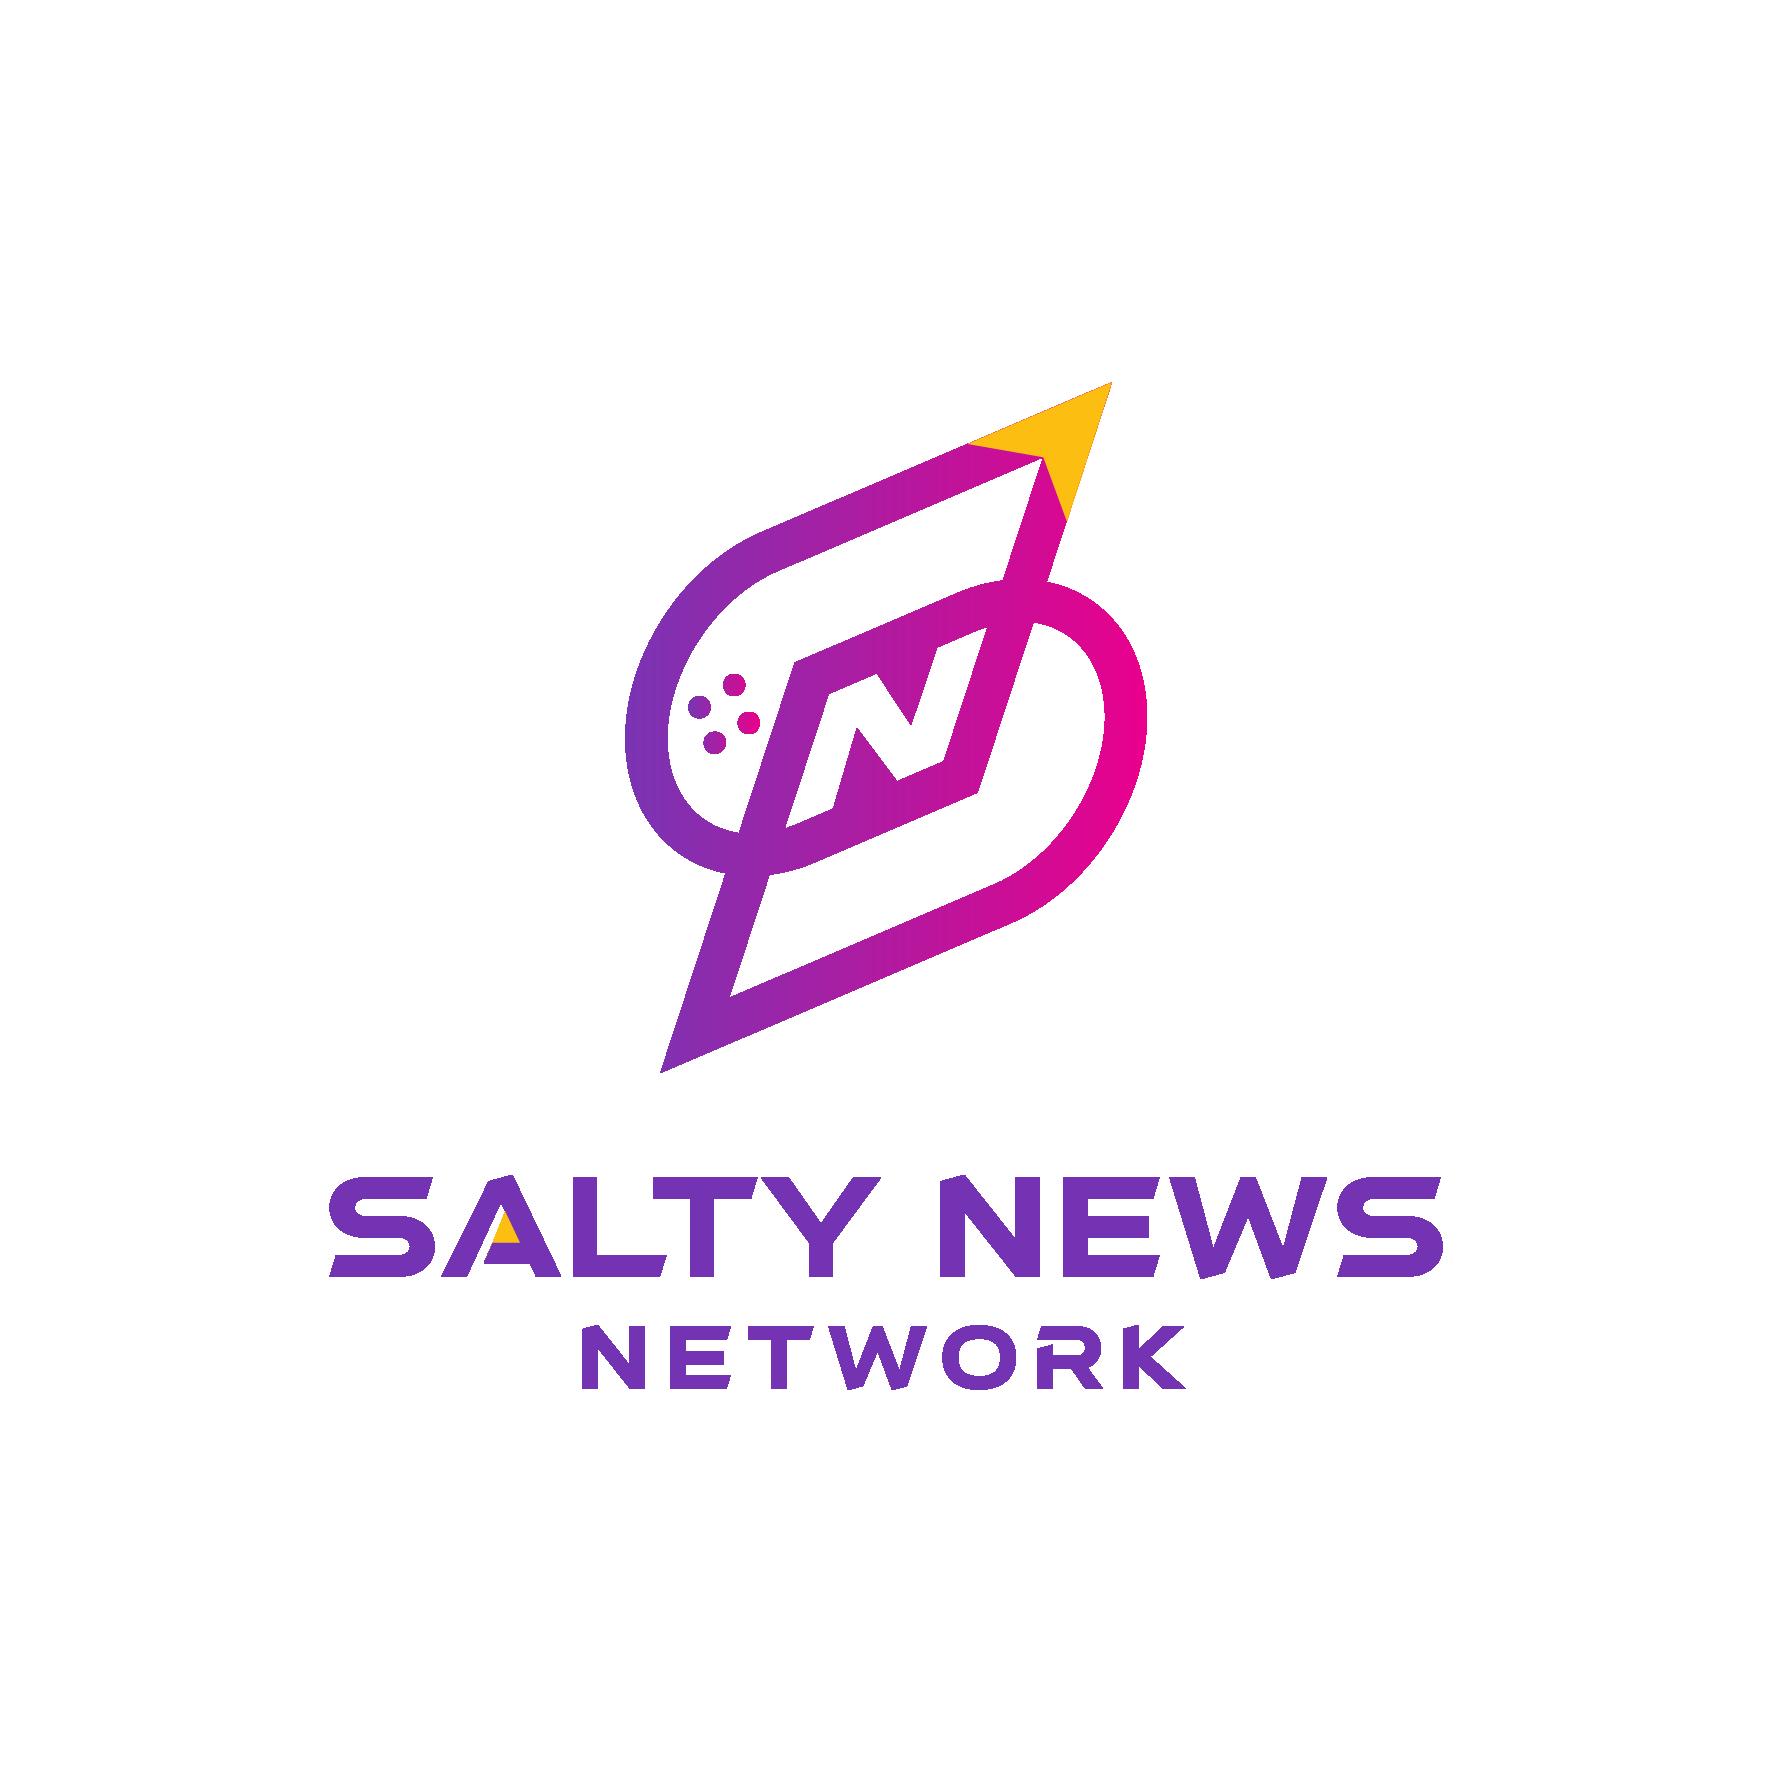 saltynewsnetwork